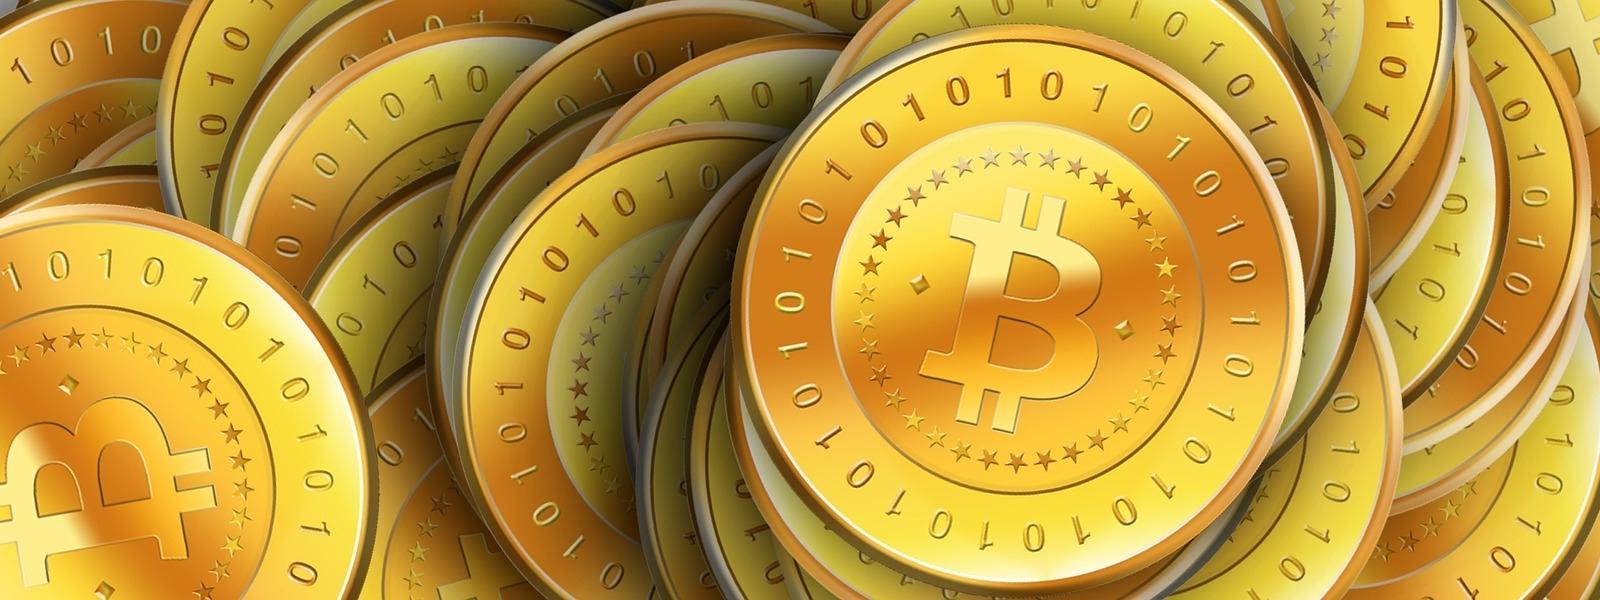 vai es varu nopelnīt naudu bitcoin kriptovalūtas ieguldīšanas priekšrocības